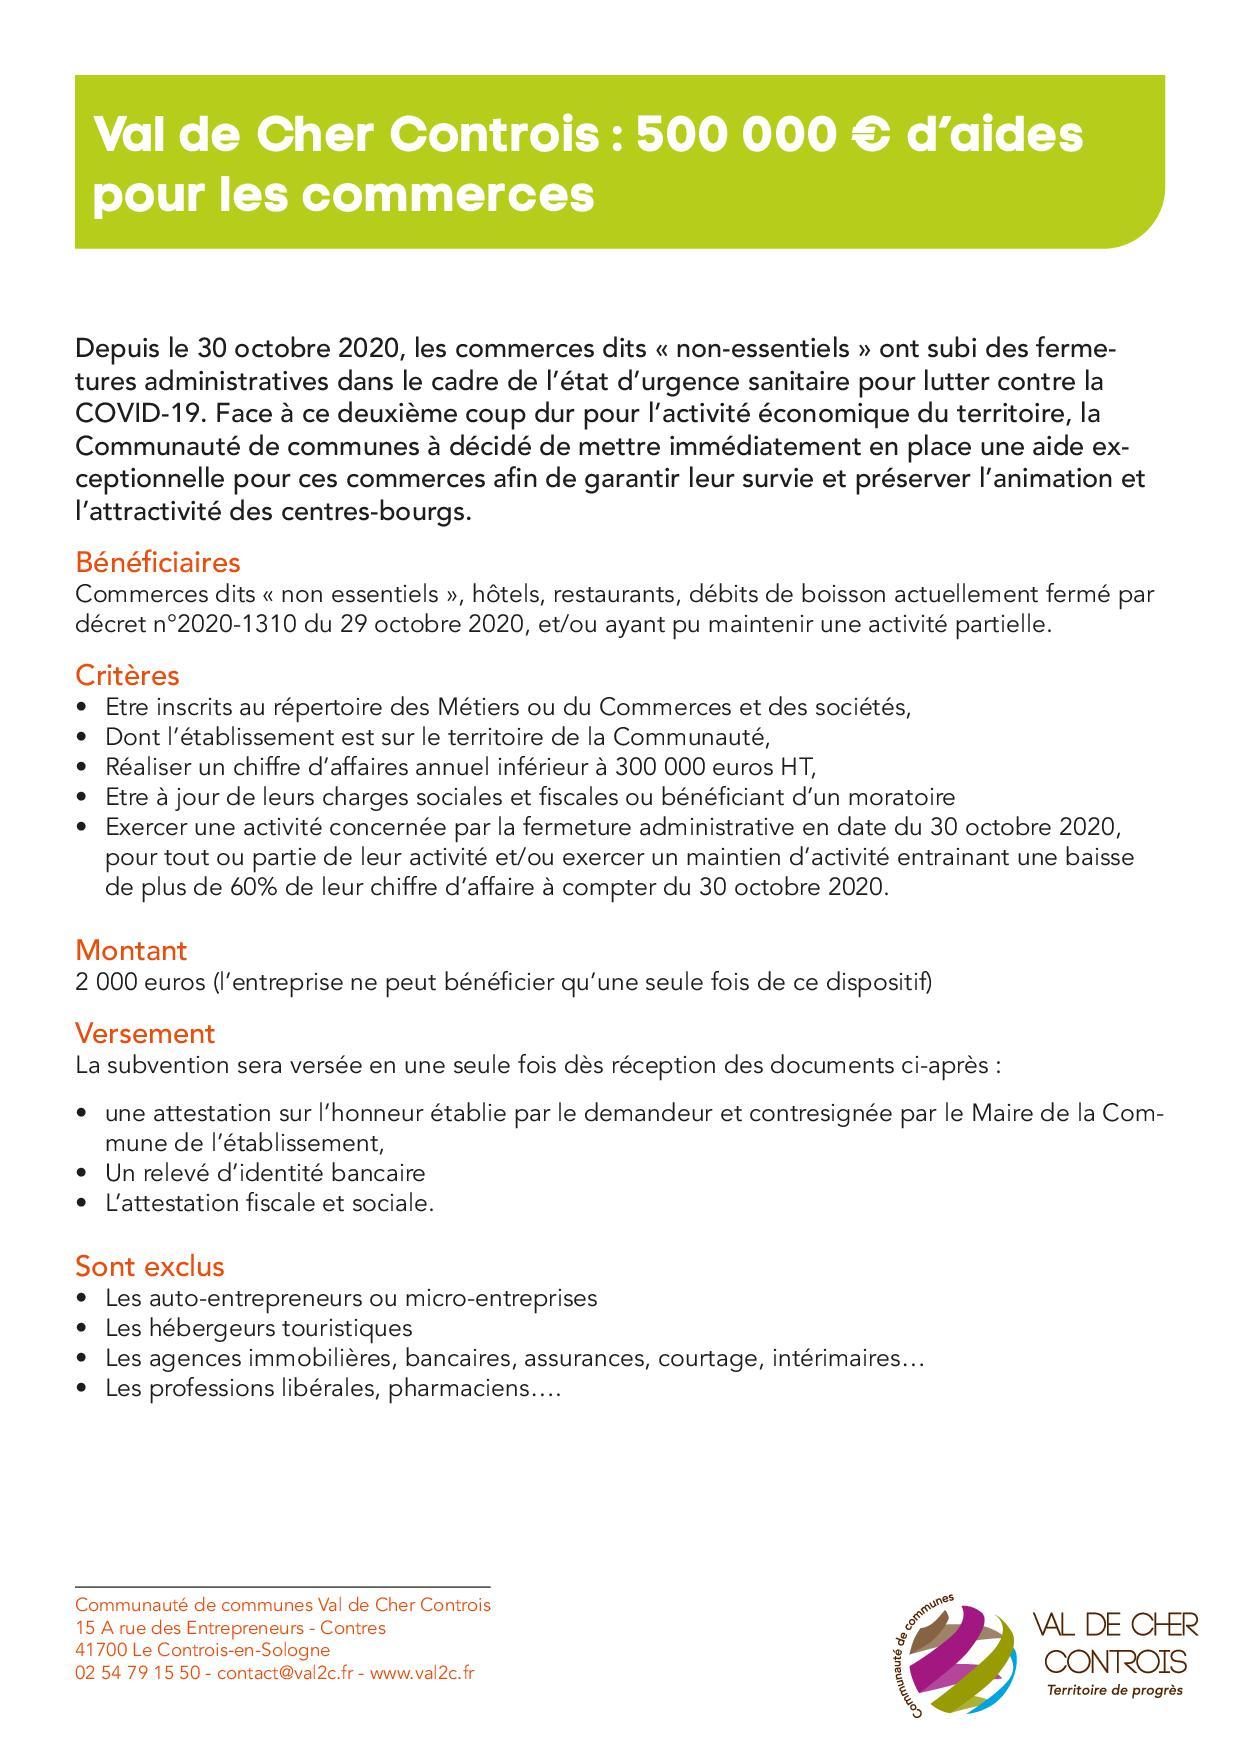 Fiche_aide_eco_nov2020.jpg